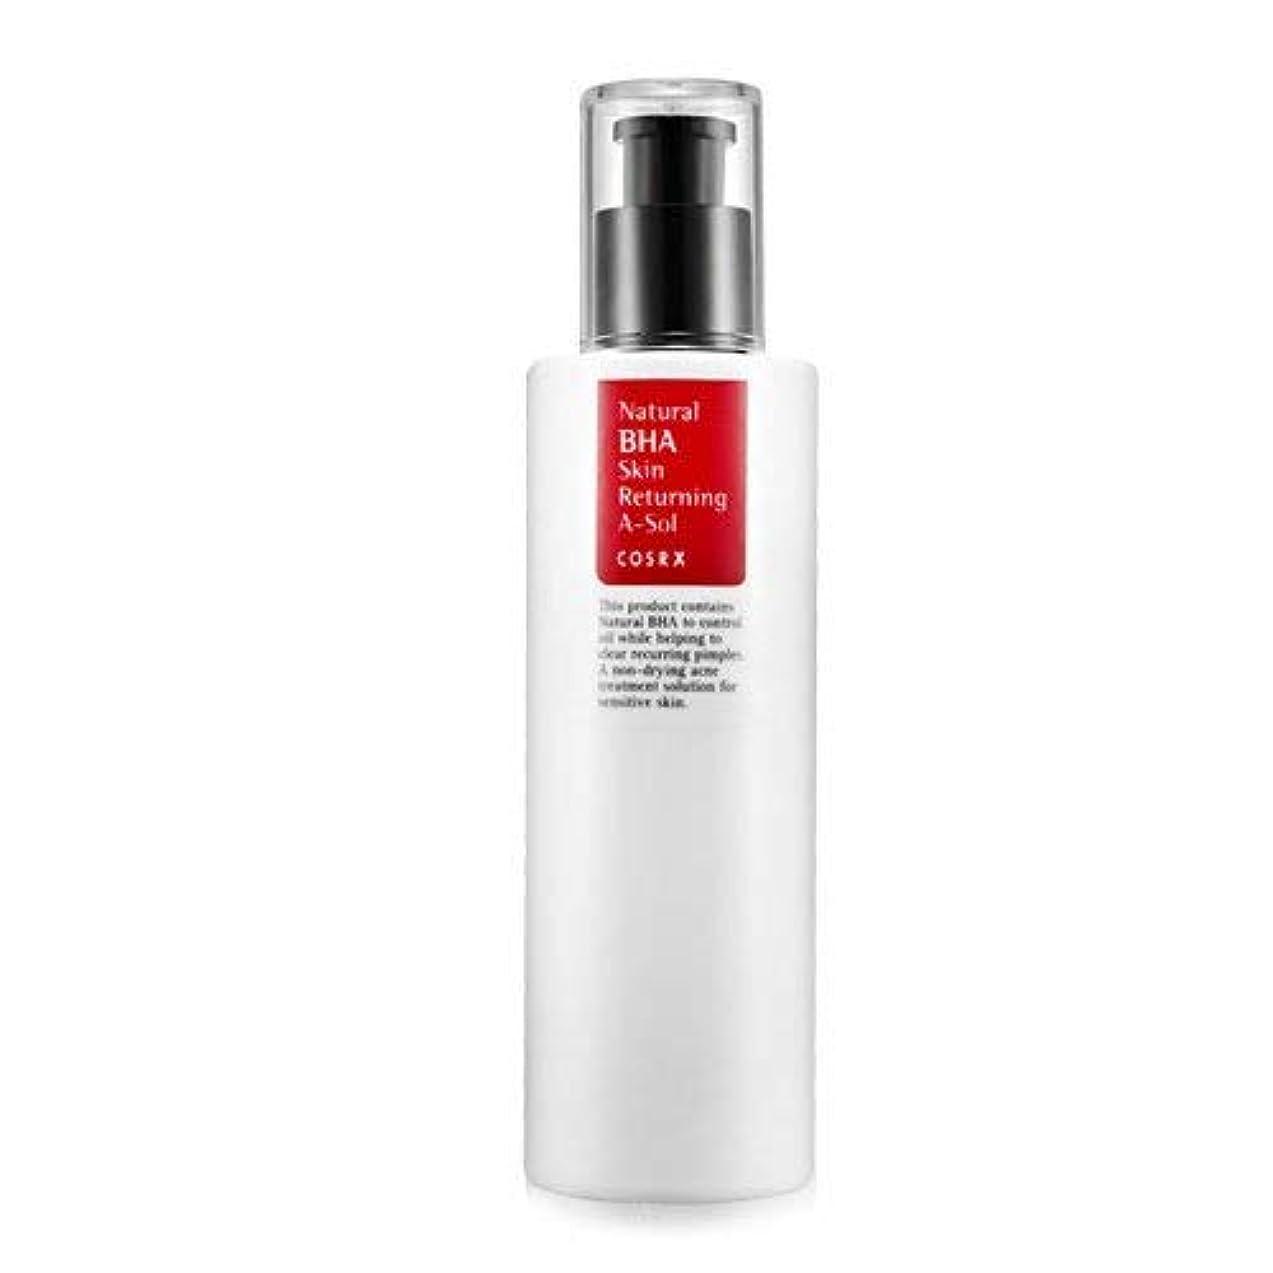 の頭の上プレフィックス端末COSRX ナチュラル BHA スキン リータニング A-sol /Natural BHA Skin Returning A-sol(100ml*6 Pack)